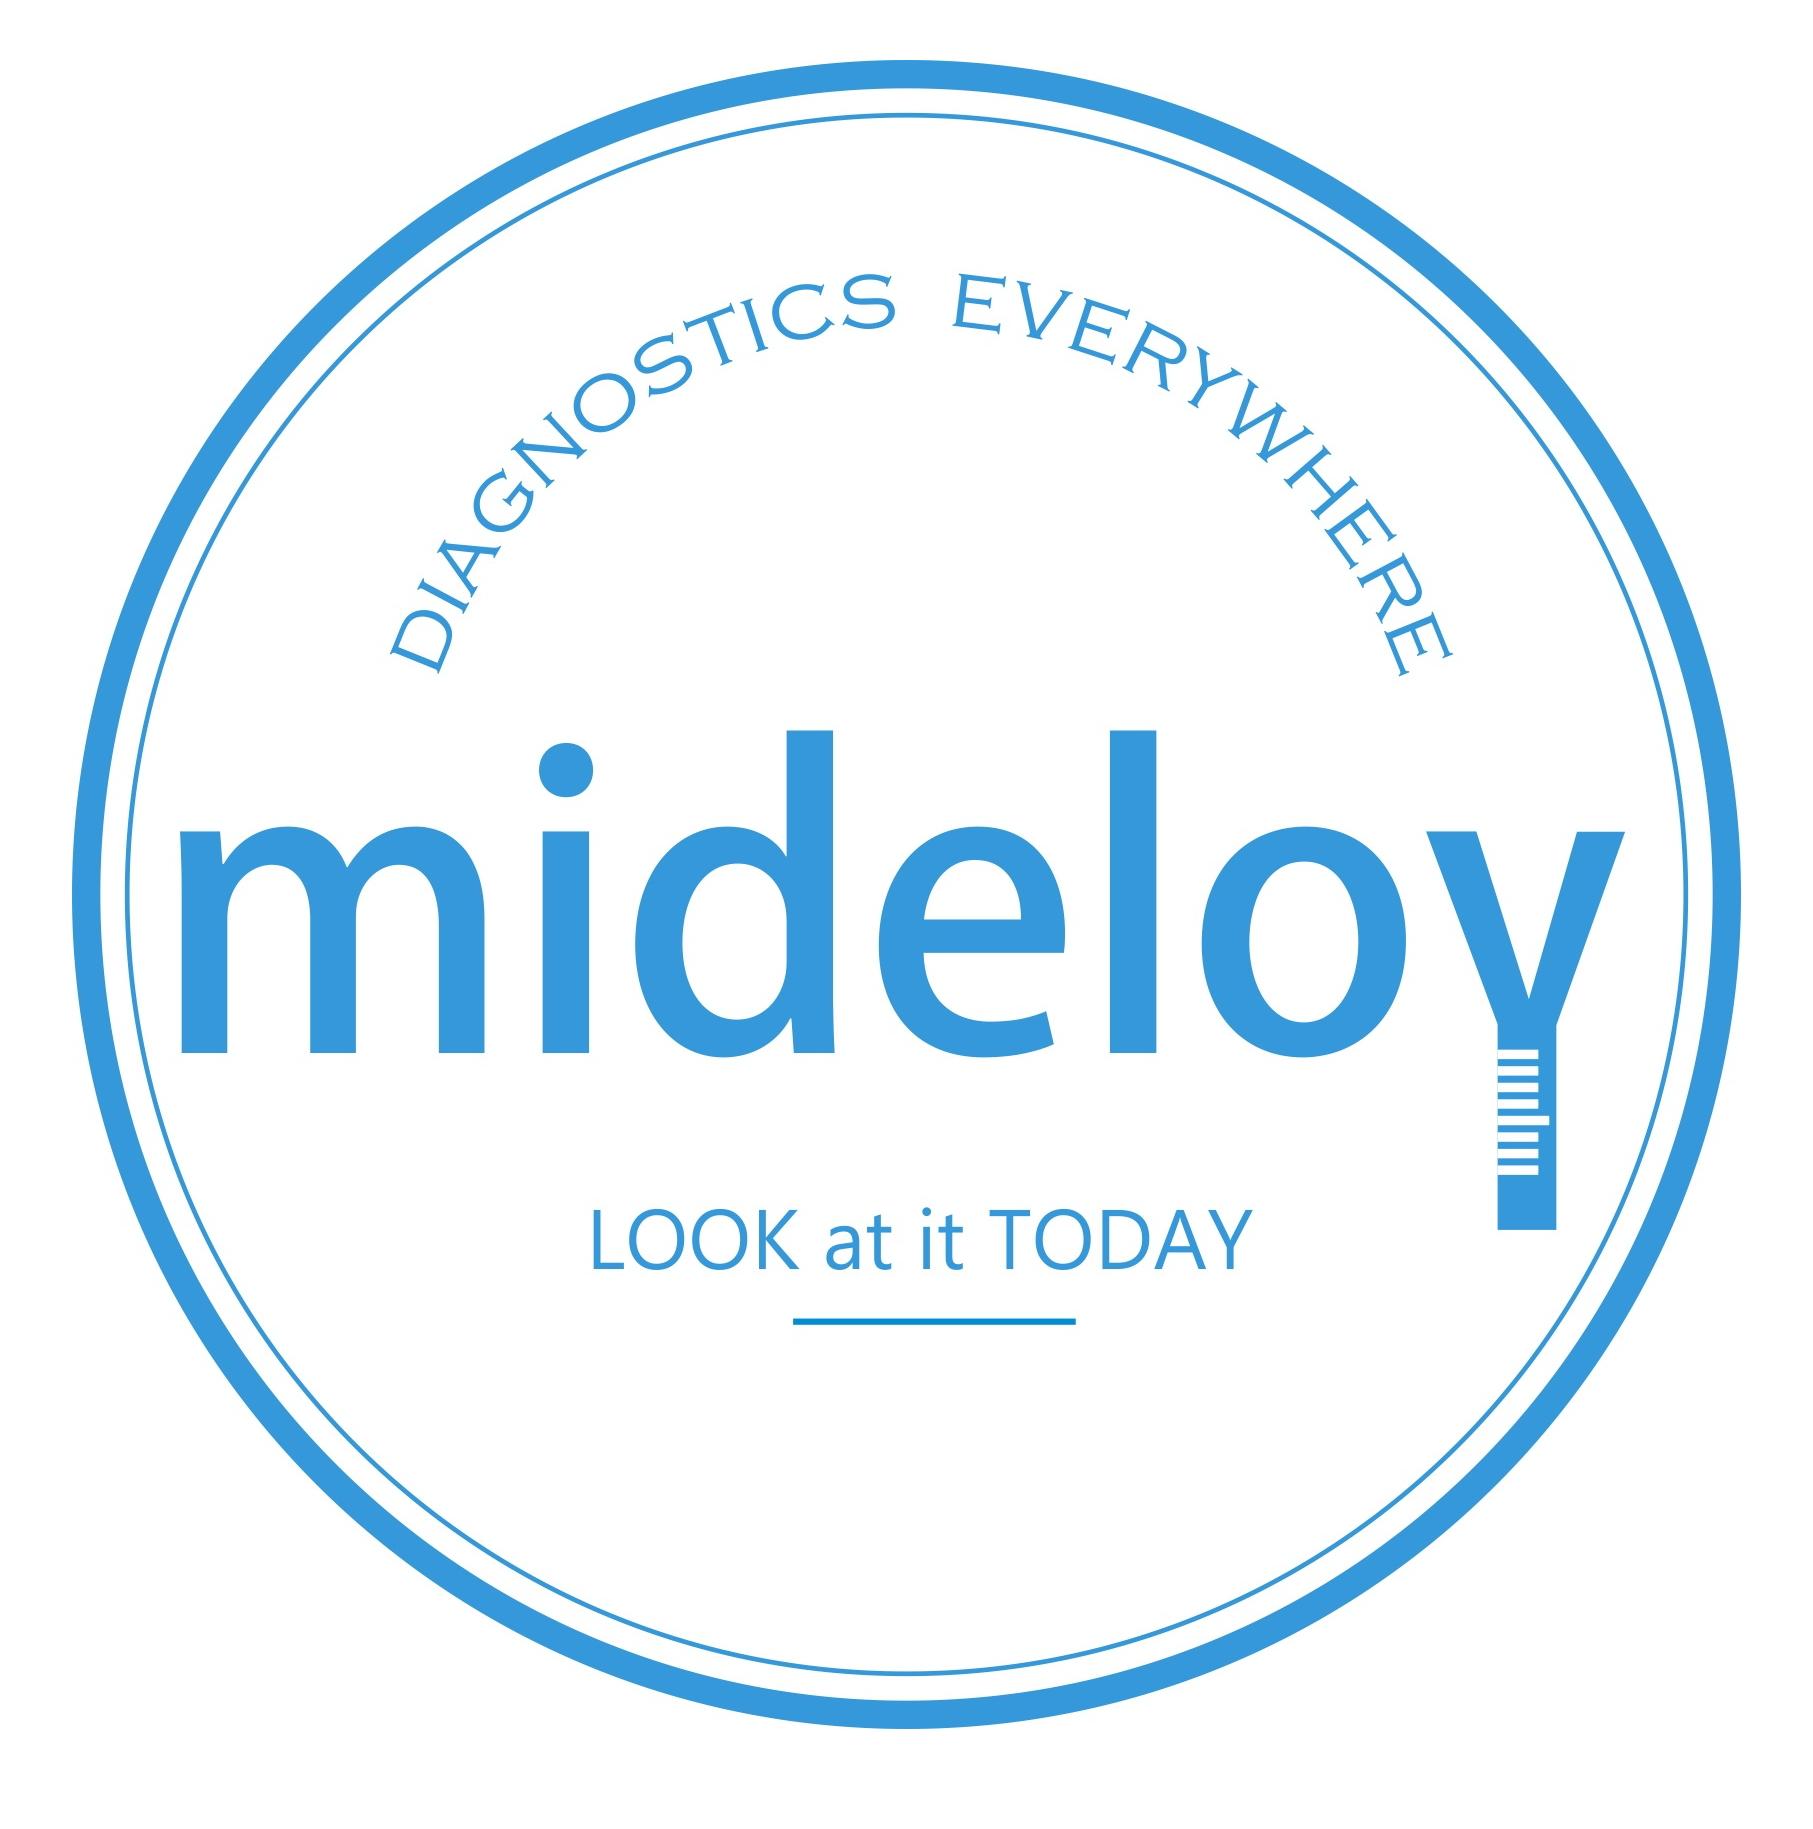 MIDELOY